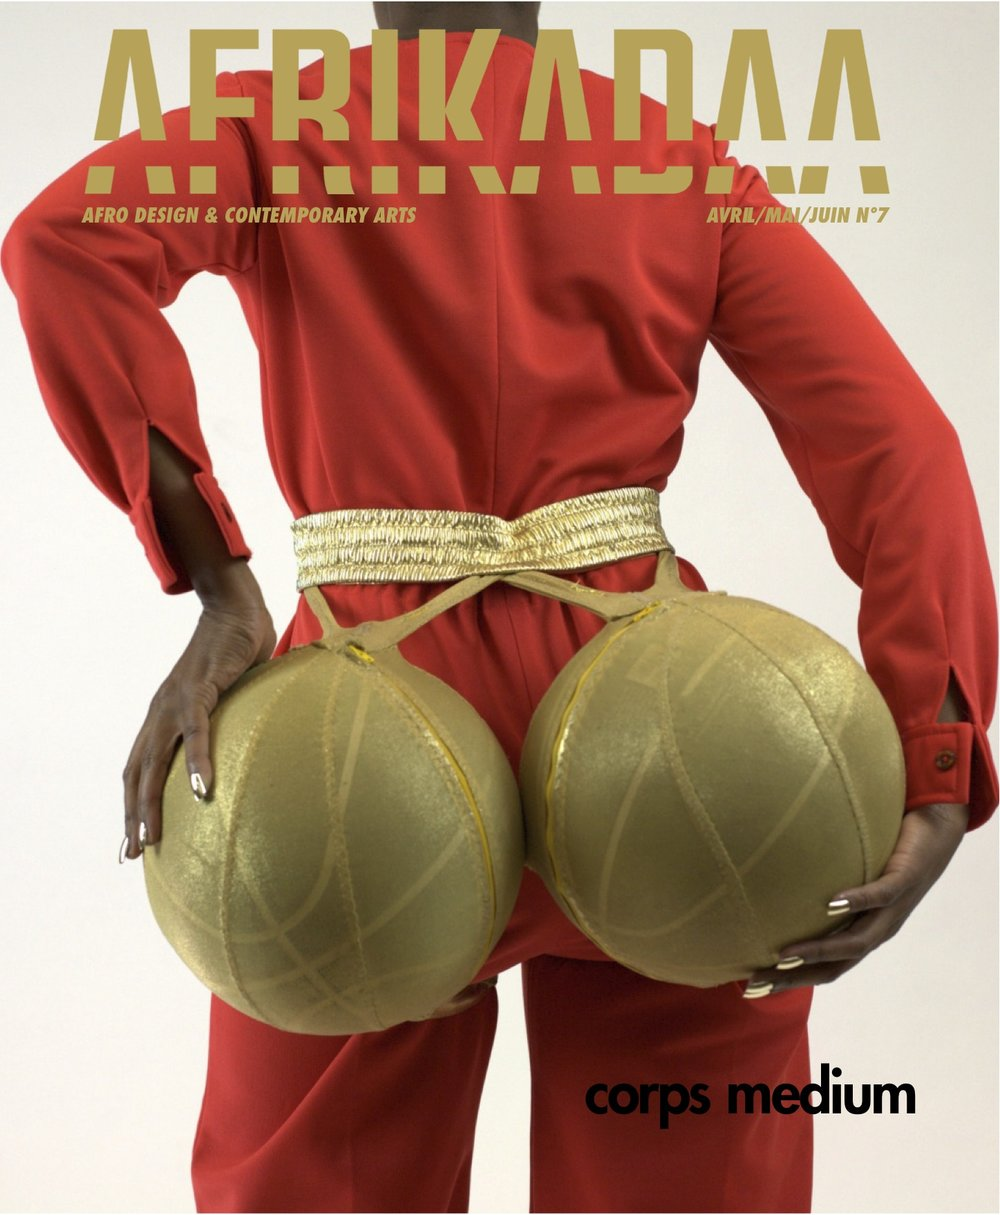 Afrikadaa cover.jpg